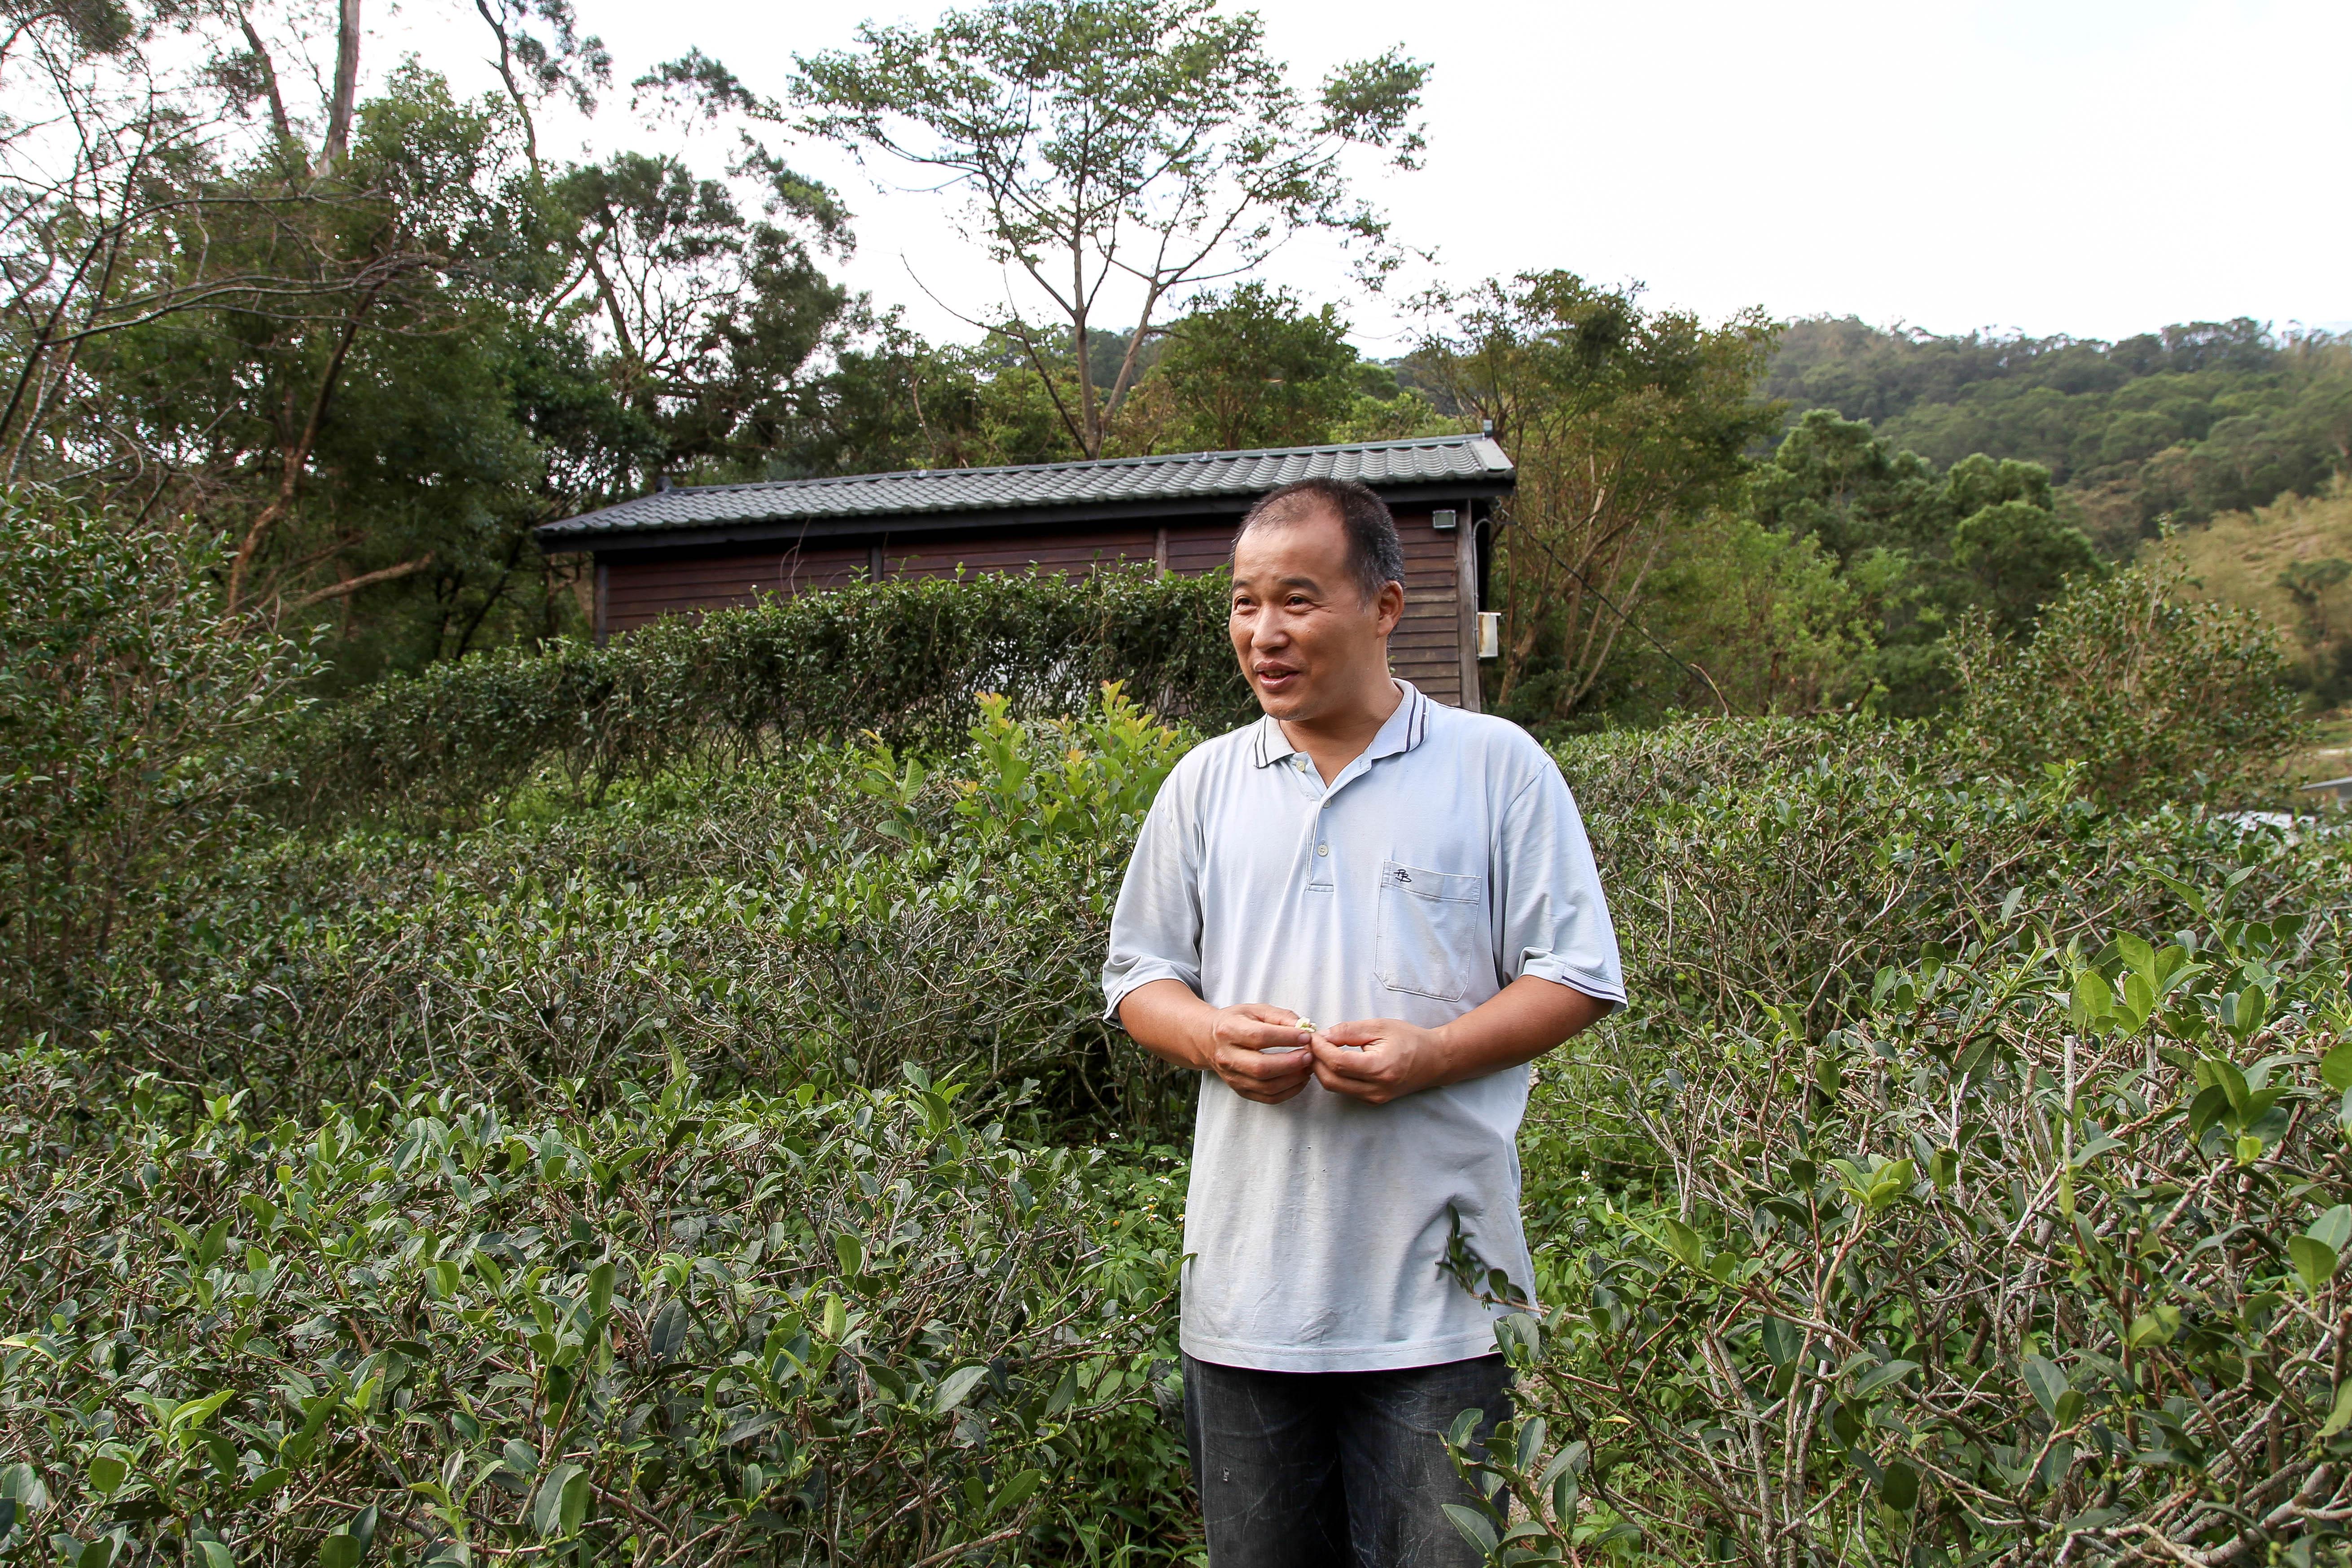 張福欽表示,務農人的生活節奏慢,茶葉從幼苗到產出要兩三年的時間,種茶人的生活不能太斤斤計較。攝影/胡皓宸